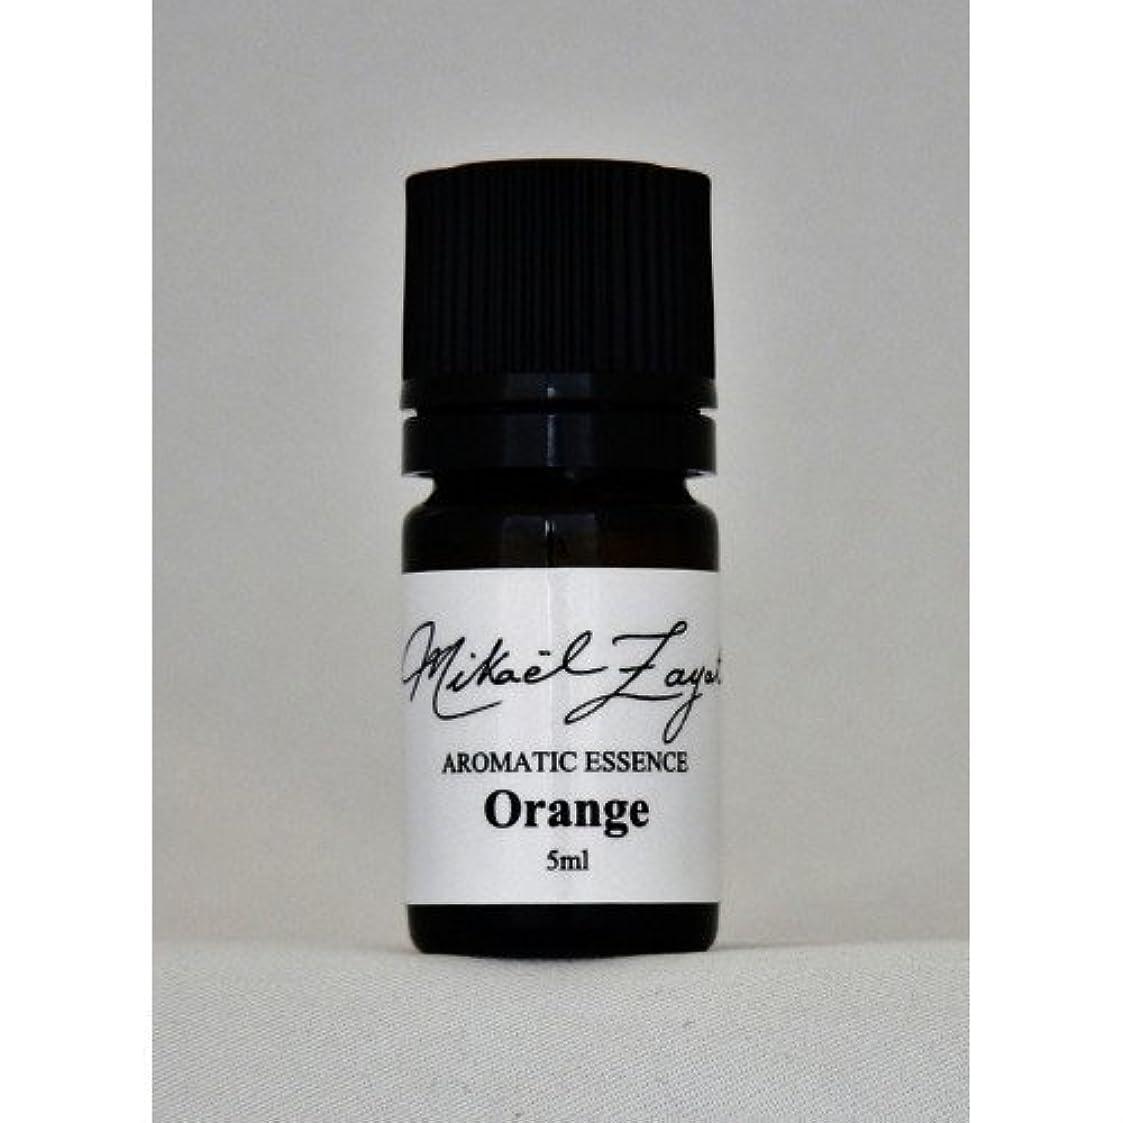 ミカエル?ザヤット アロマティックエッセンス オレンジ 10ml Orange 10ml 日本国内正規品